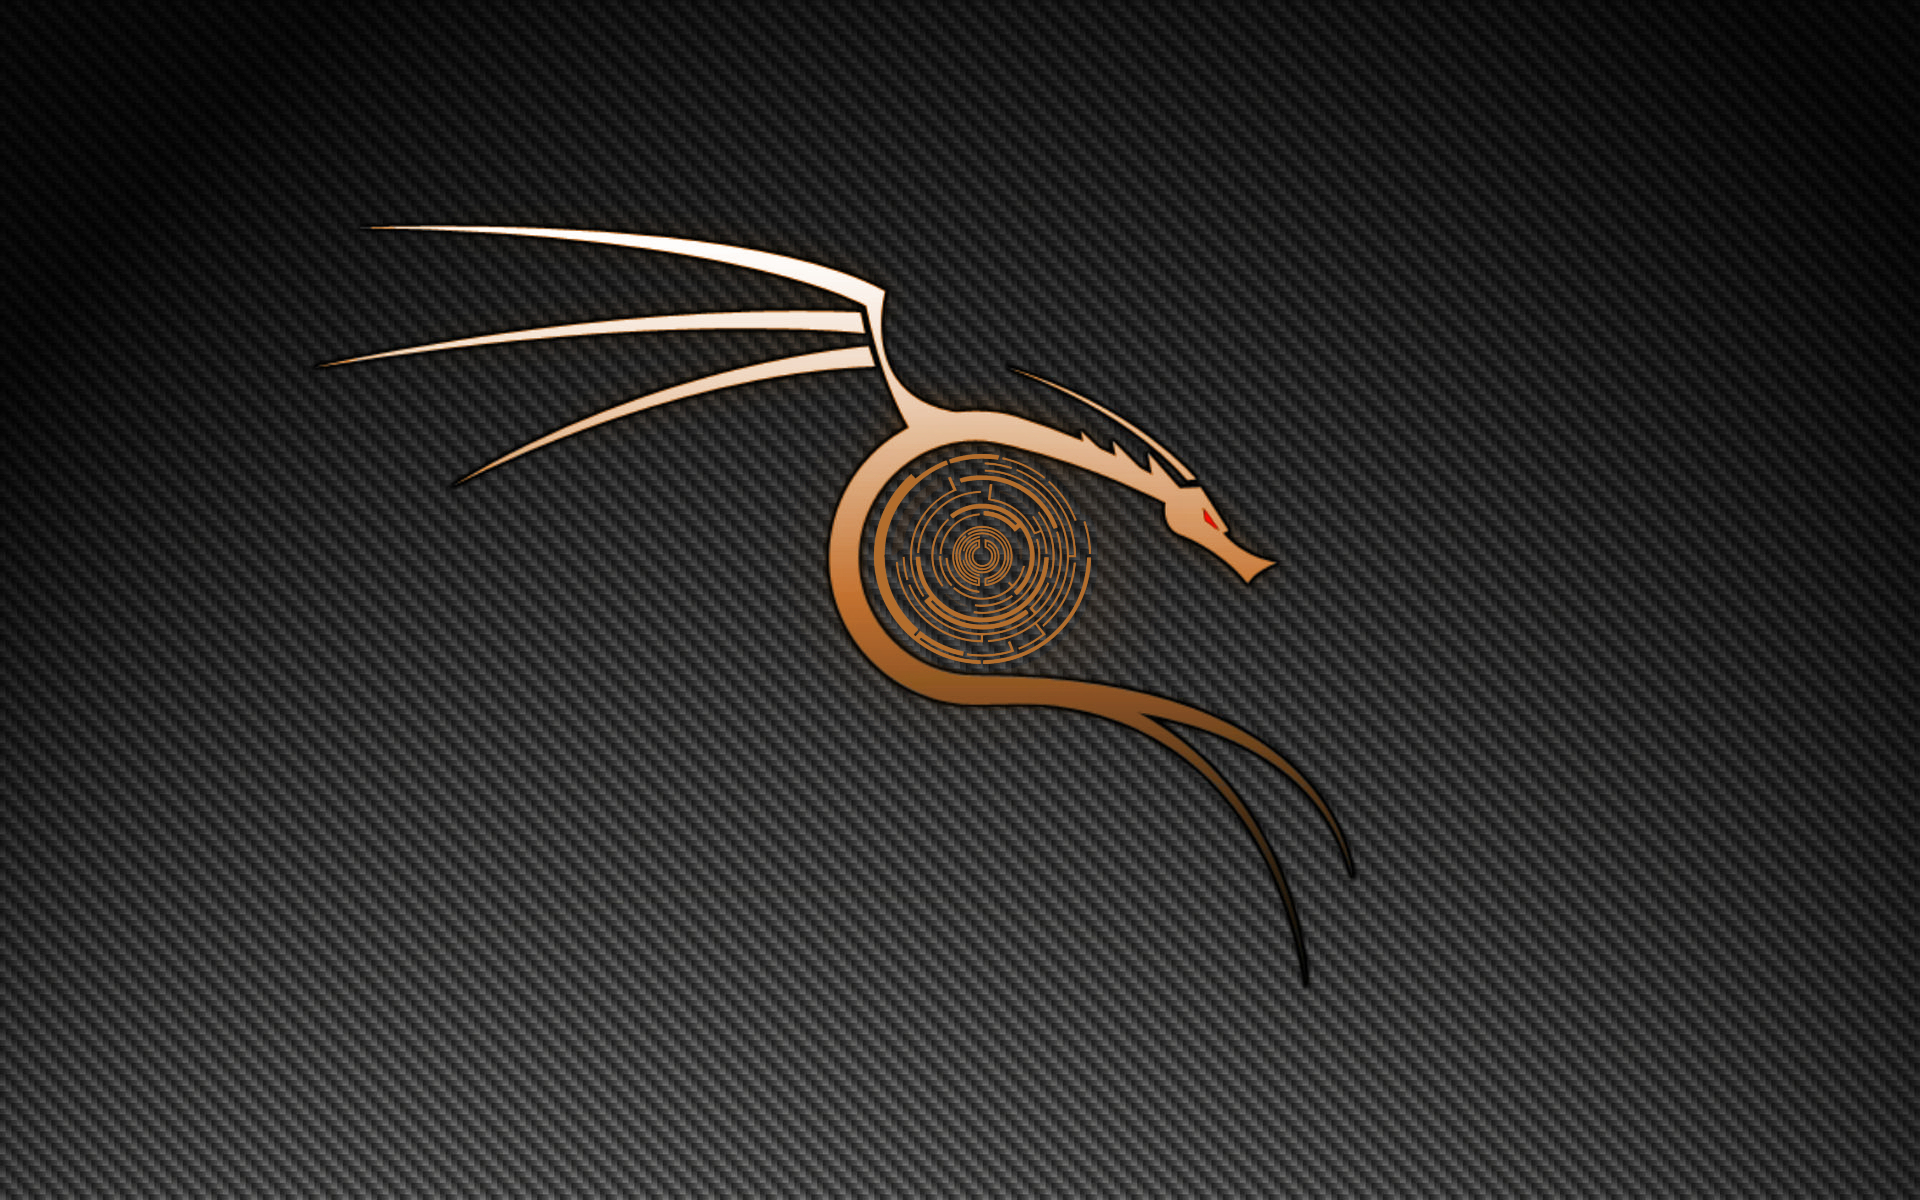 pendulum_dragon_by_dhampyr85-d4uwyqg.jpg